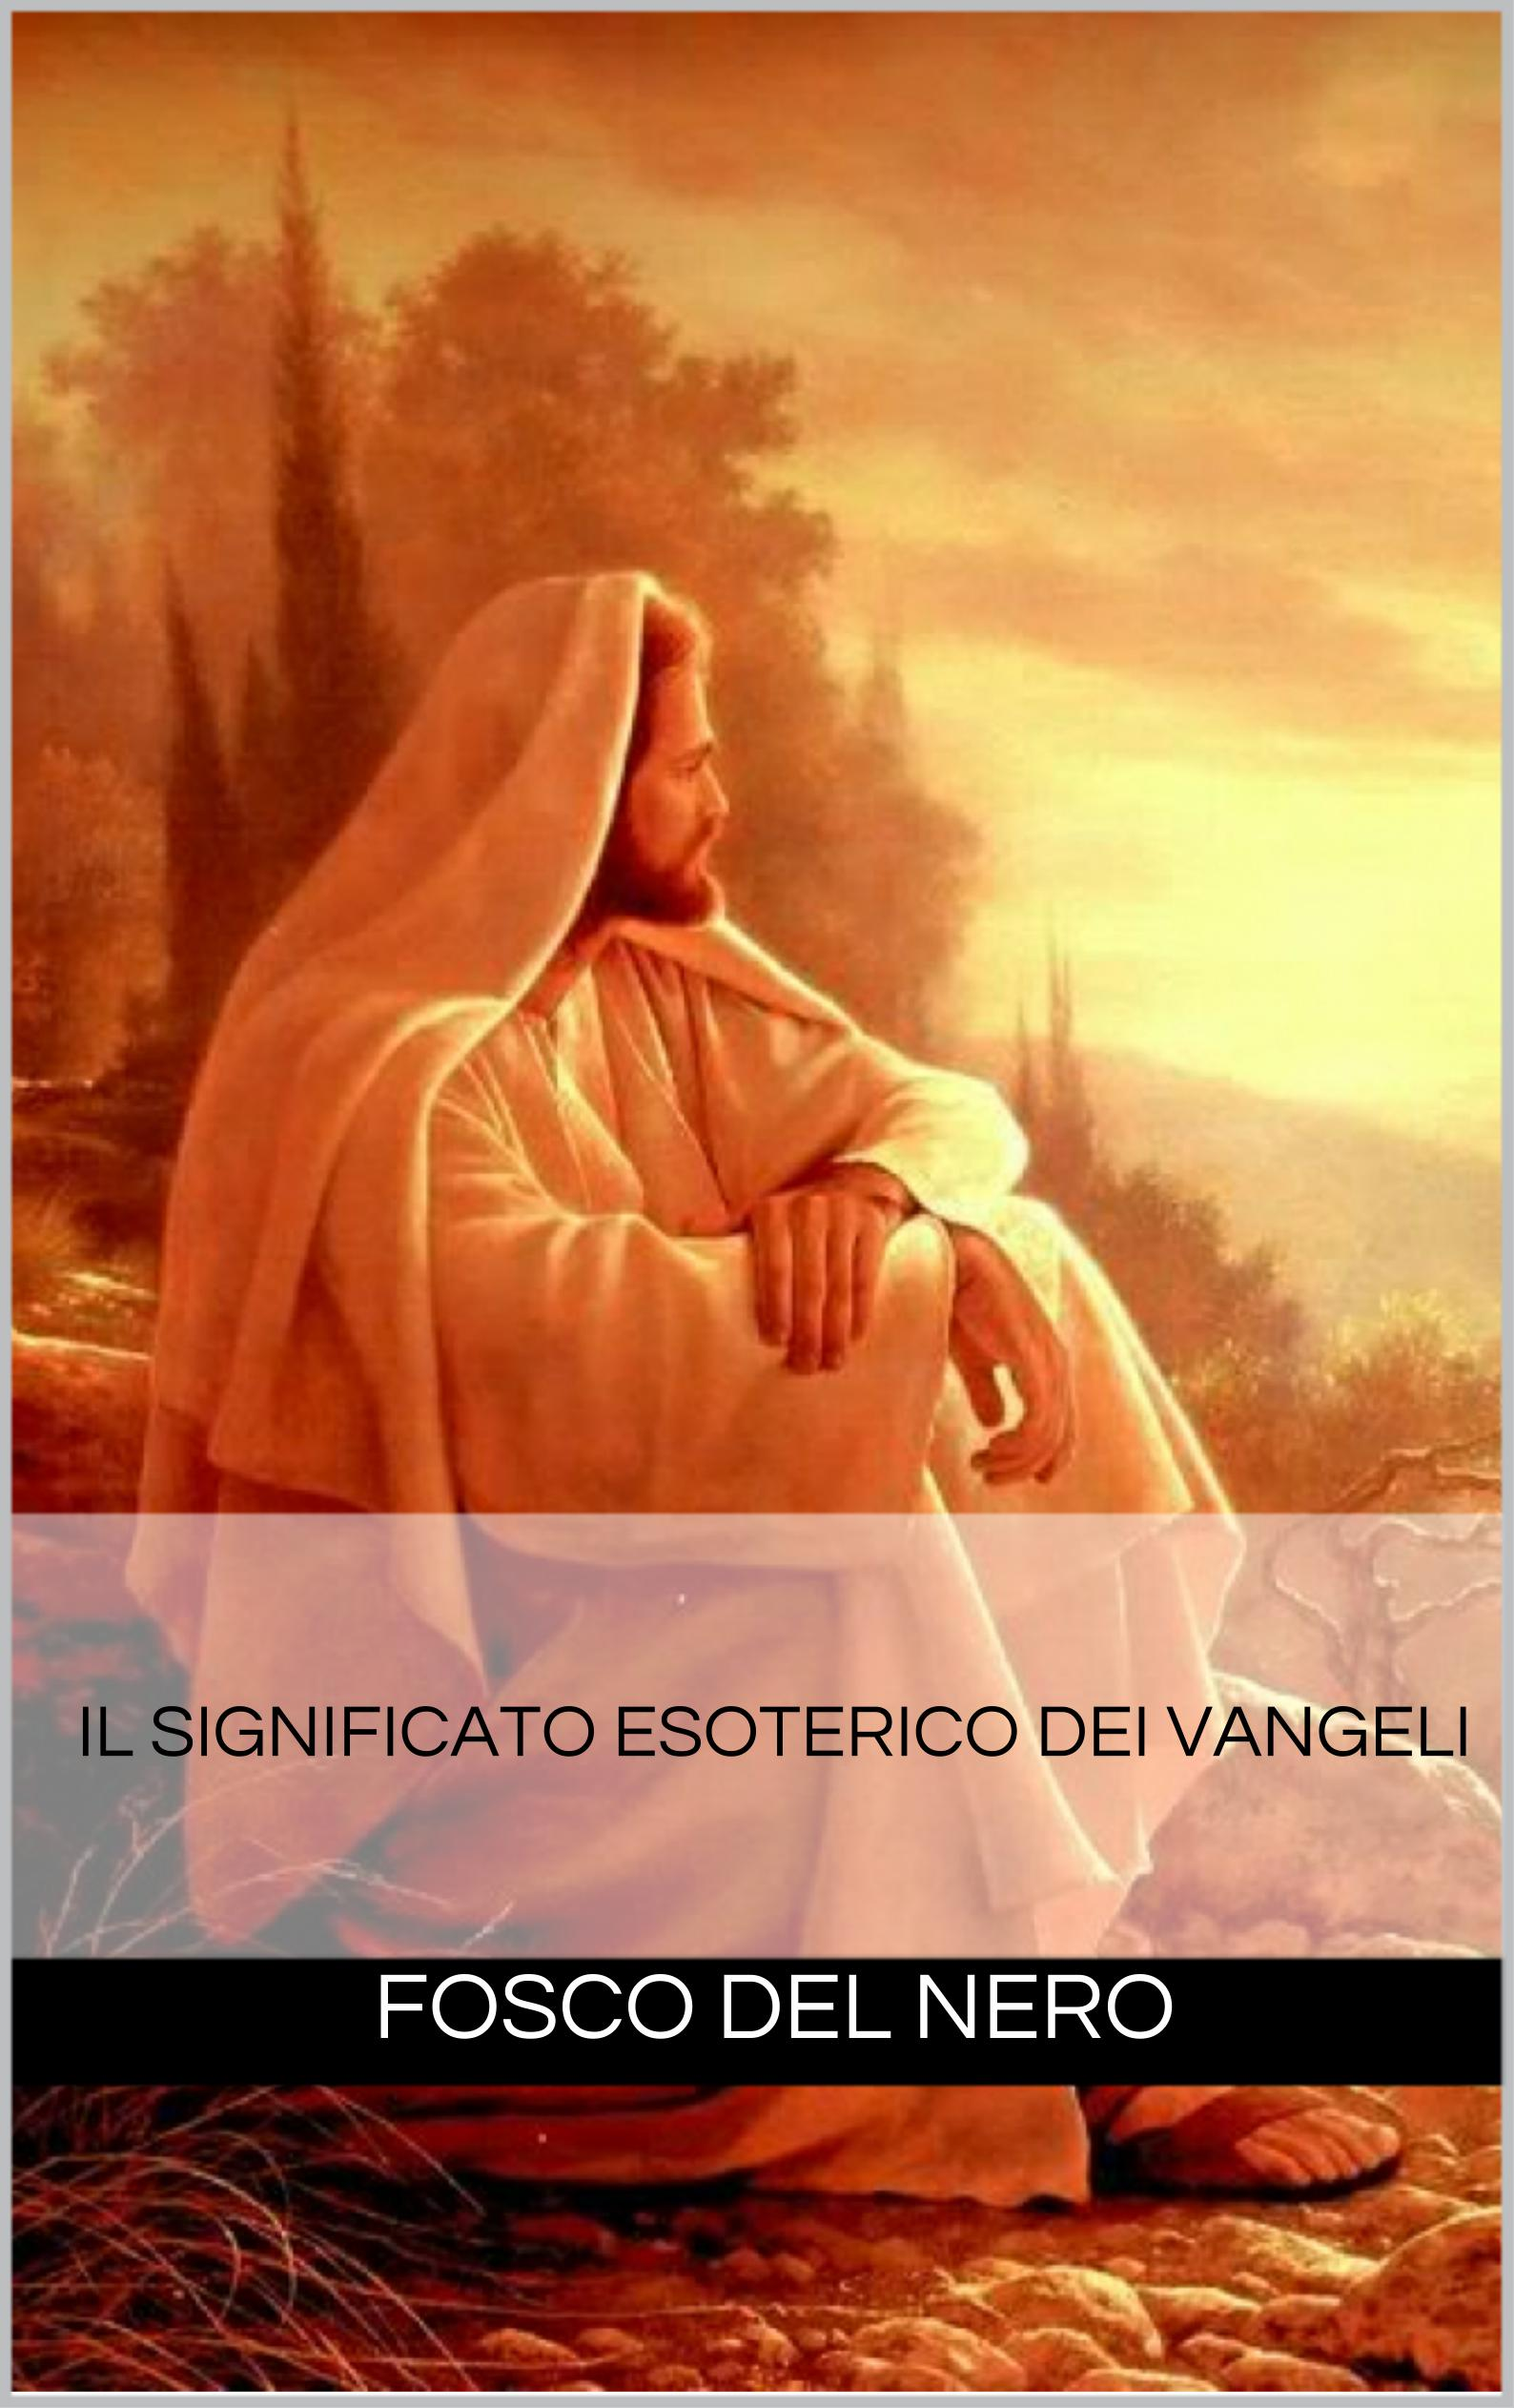 L'insegnamento esoterico dei Vangeli - Fosco Del Nero (spiritualità)